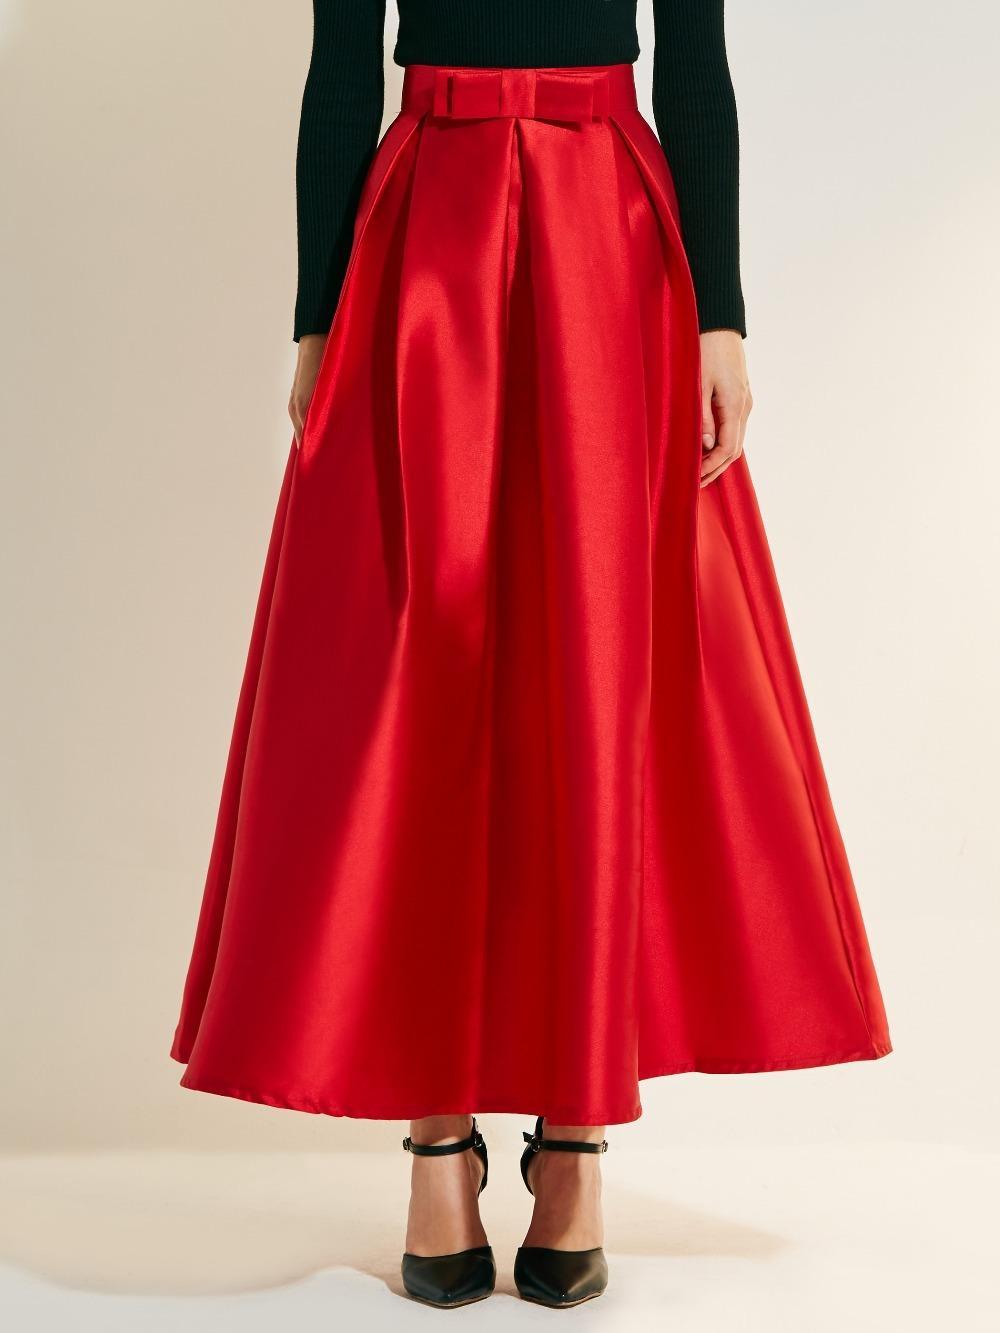 Compre Nuevo Cintura Alta Elegante Falda Roja Una Línea Arco Faldas Largas  Mid Calf Mujer Faldas Saia Tallas Grandes Jupe Falda Larga De Satén A   35.35 Del ... 97891150ae35